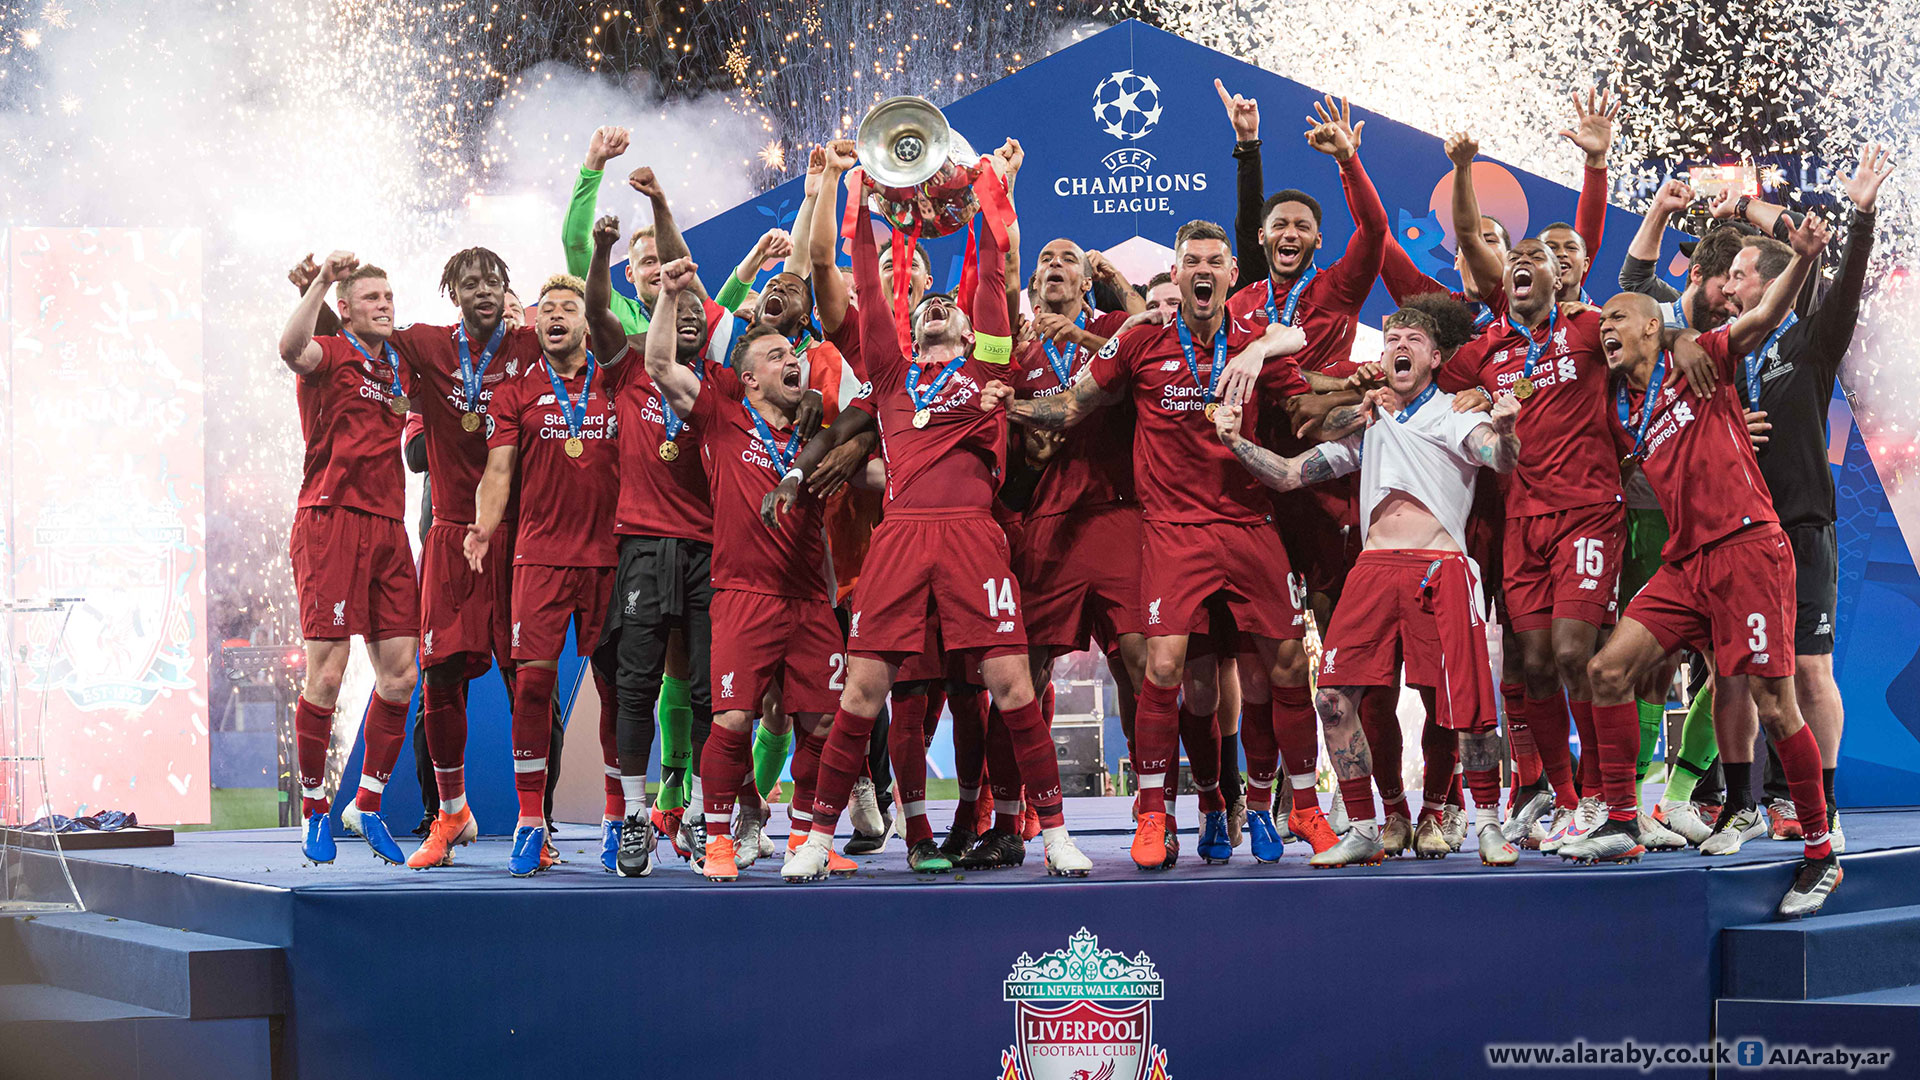 ليفربول بطل دوري أبطال أوروبا 2018/2019